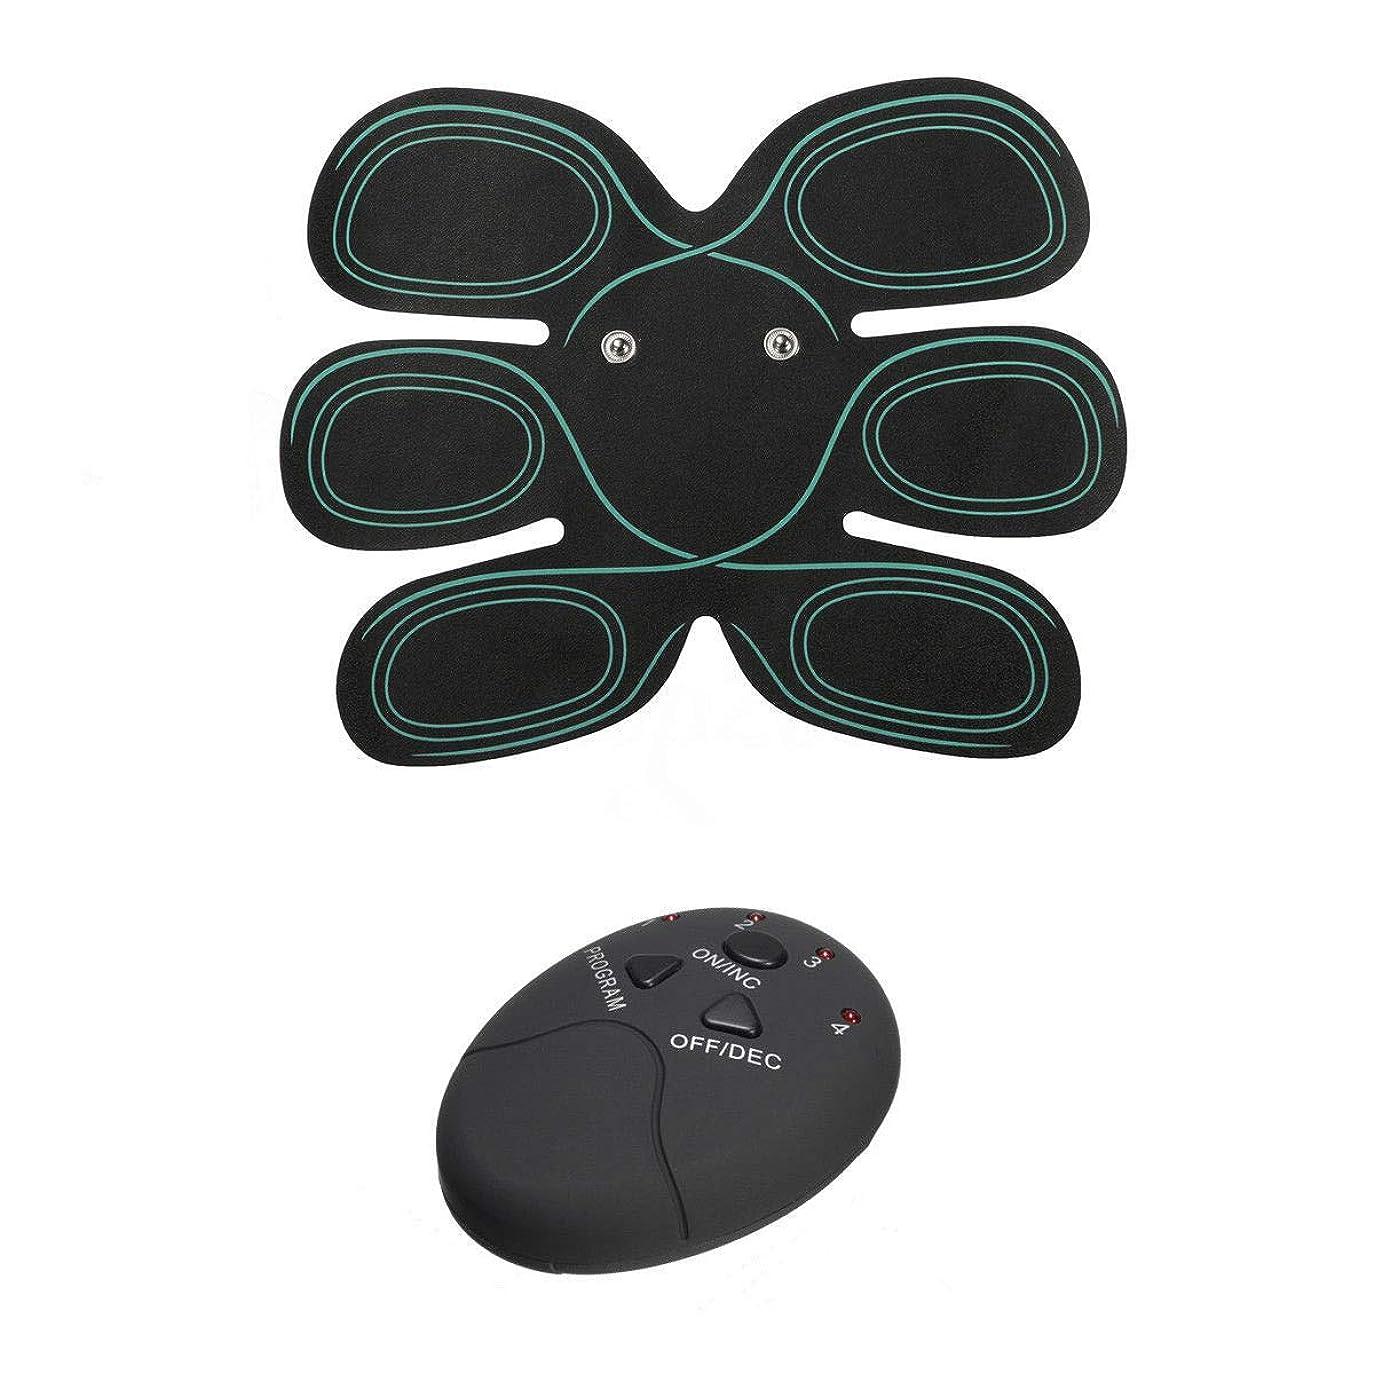 ドレイン幸福それるVANSENG スマートワイヤレス腹部テープEMSフィットネスマッサージ器パルスマッサージャーバッテリモデル